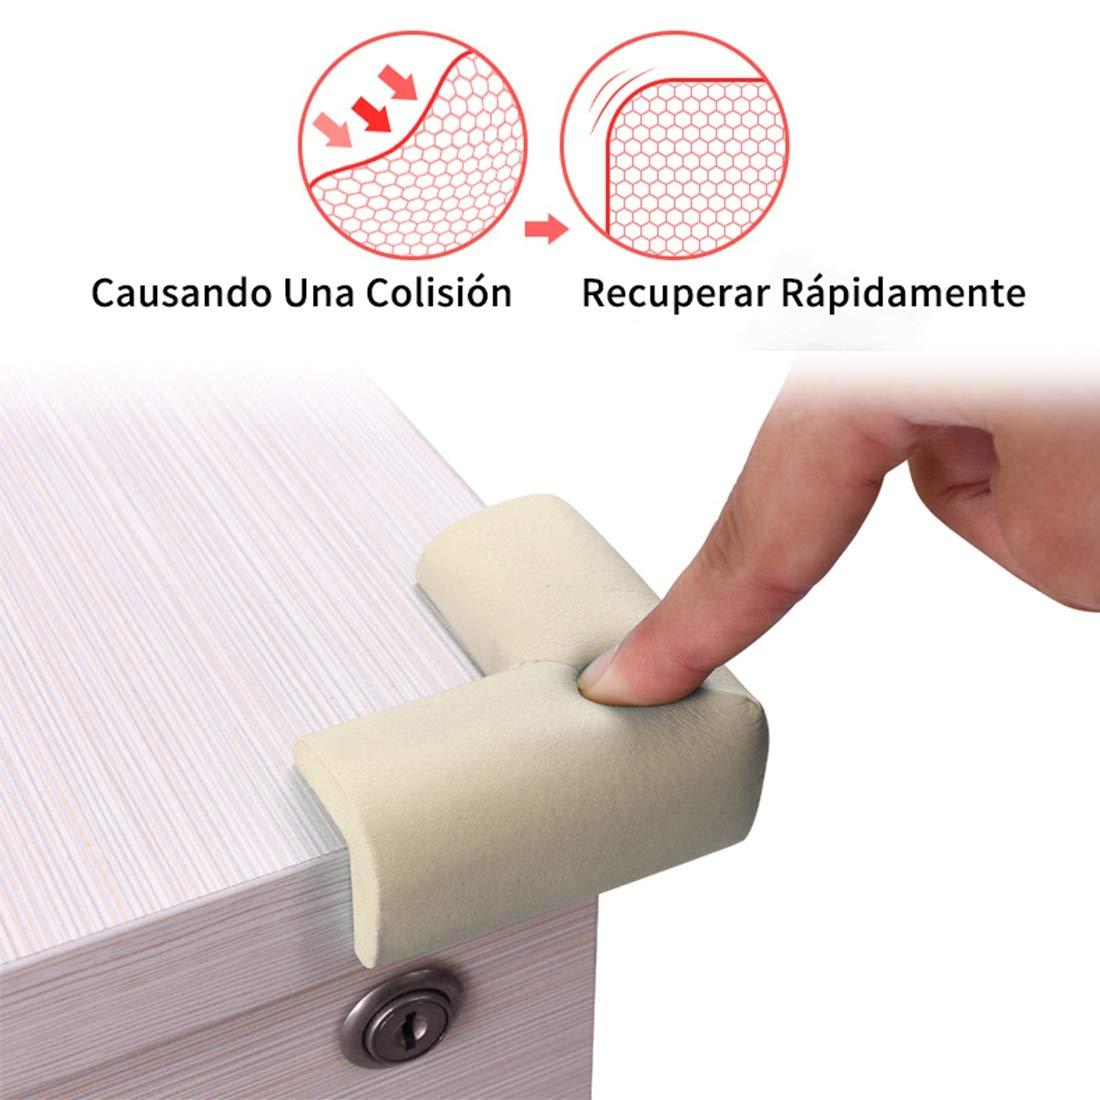 Protectores de Esquinas para Beb/és y Ni/ños Bverionant 8 Piezas Protectores de Seguridad para Mesas Muebles Esquina de NBR Cojines Protectores Esquineras Anti-colisi/ón